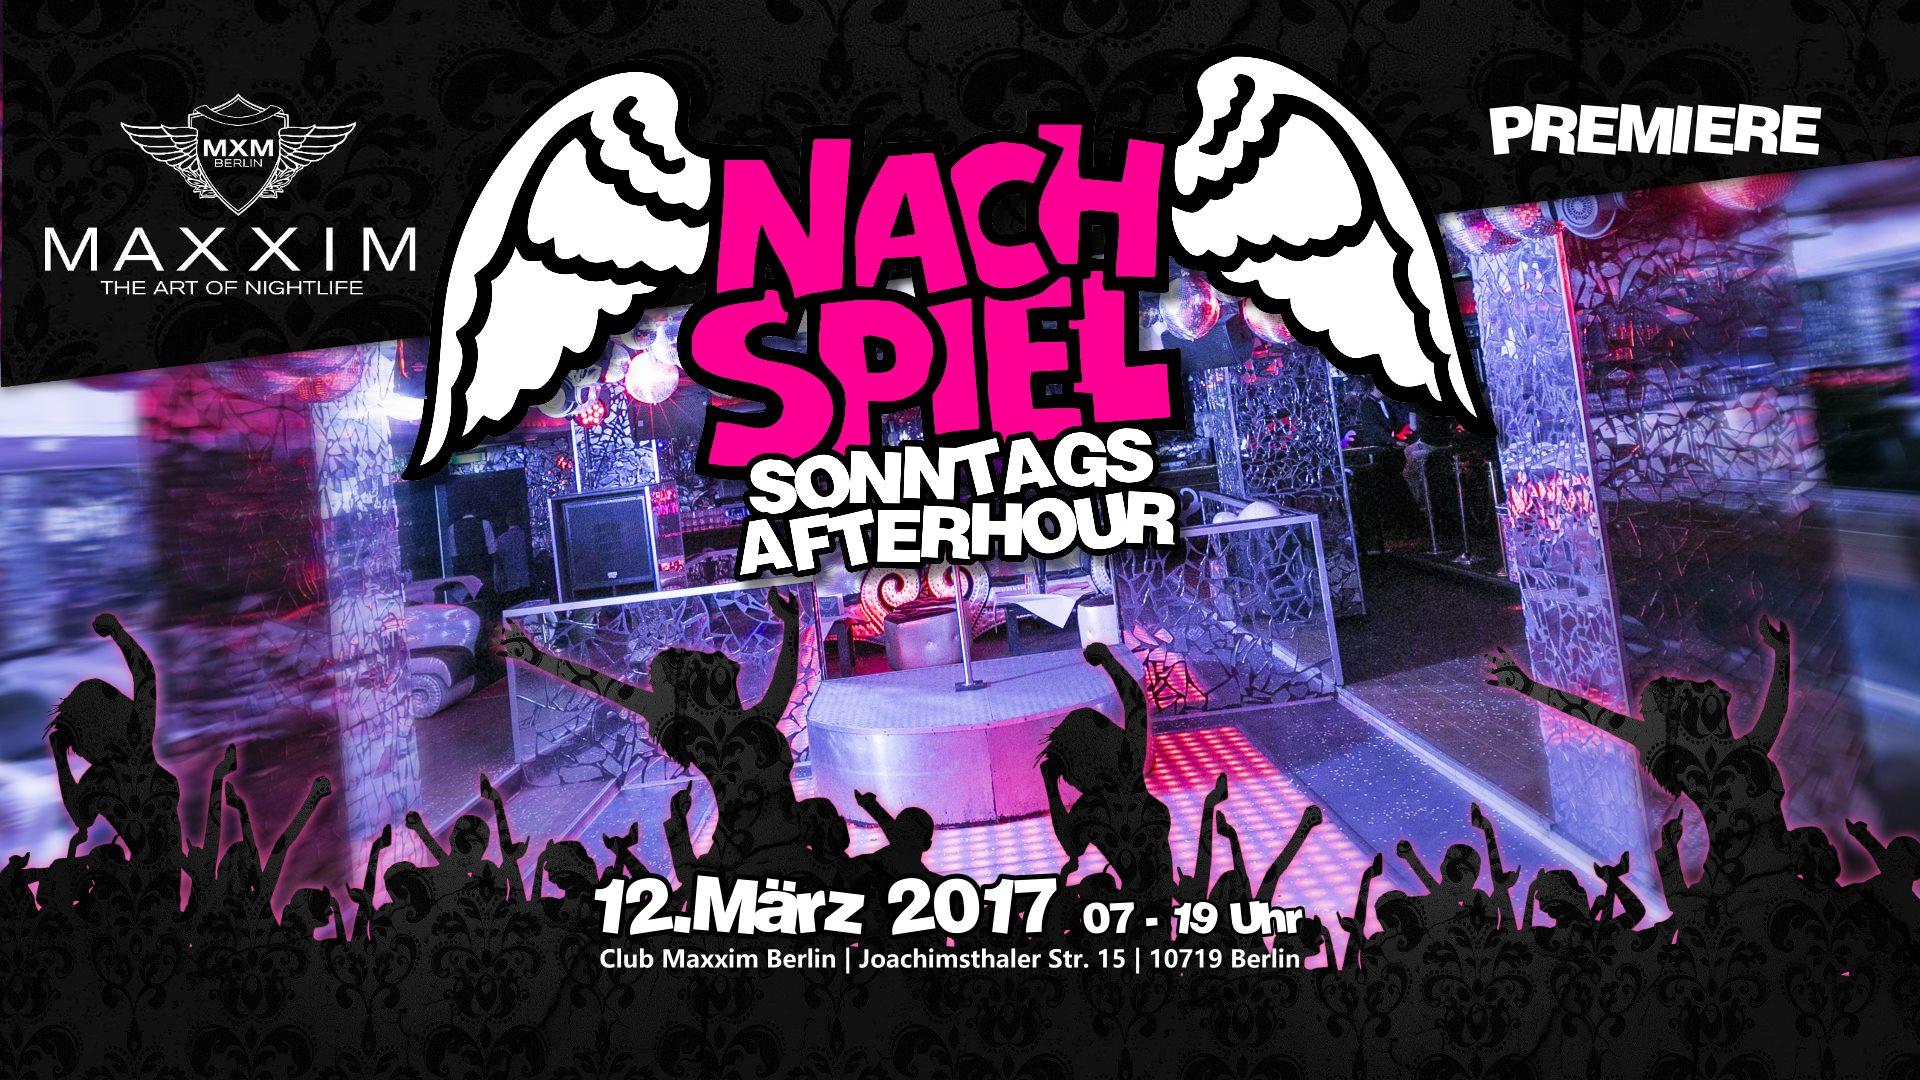 Marcel db live beim NachSpiel im Maxxim Berlin